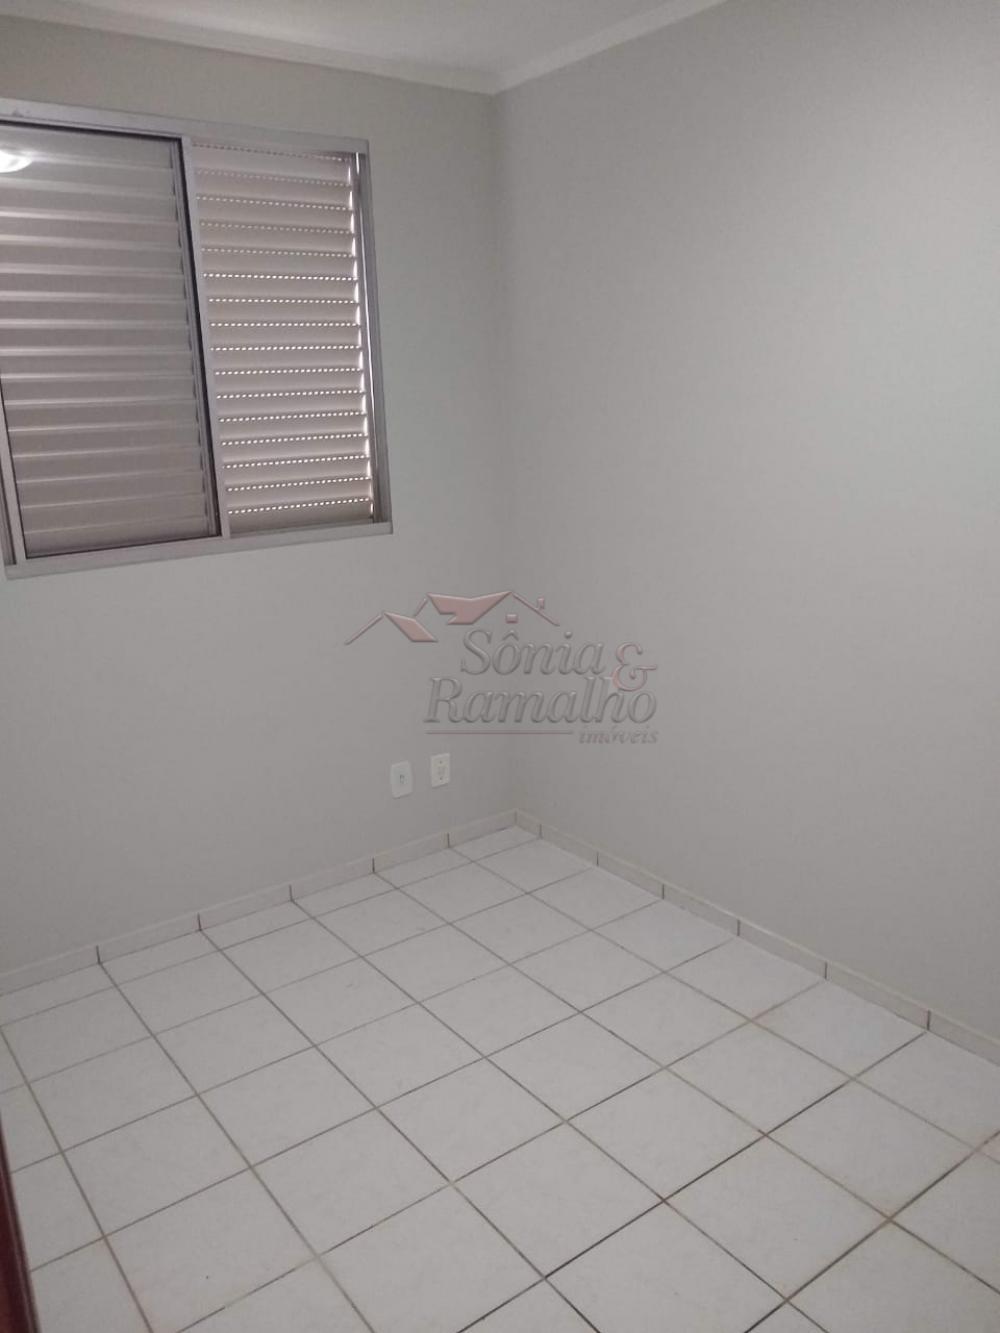 Alugar Apartamentos / Padrão em Ribeirão Preto apenas R$ 700,00 - Foto 3